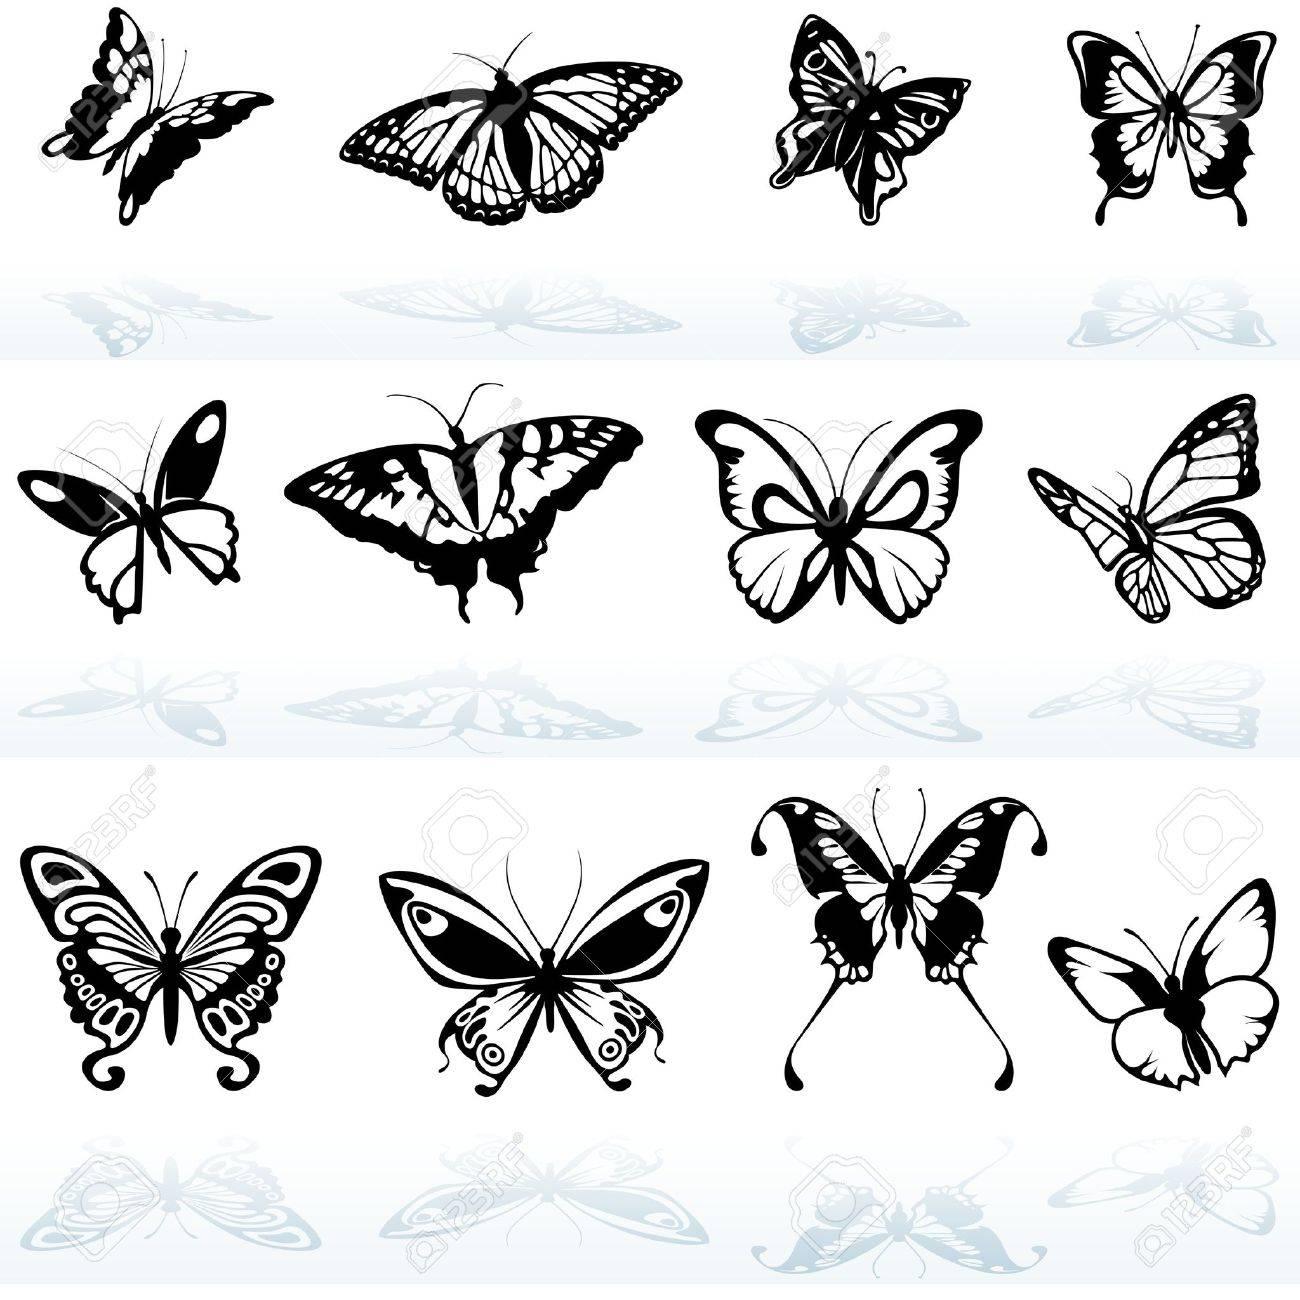 蝶のシルエット 色のイラストのイラスト素材ベクタ Image 8875077